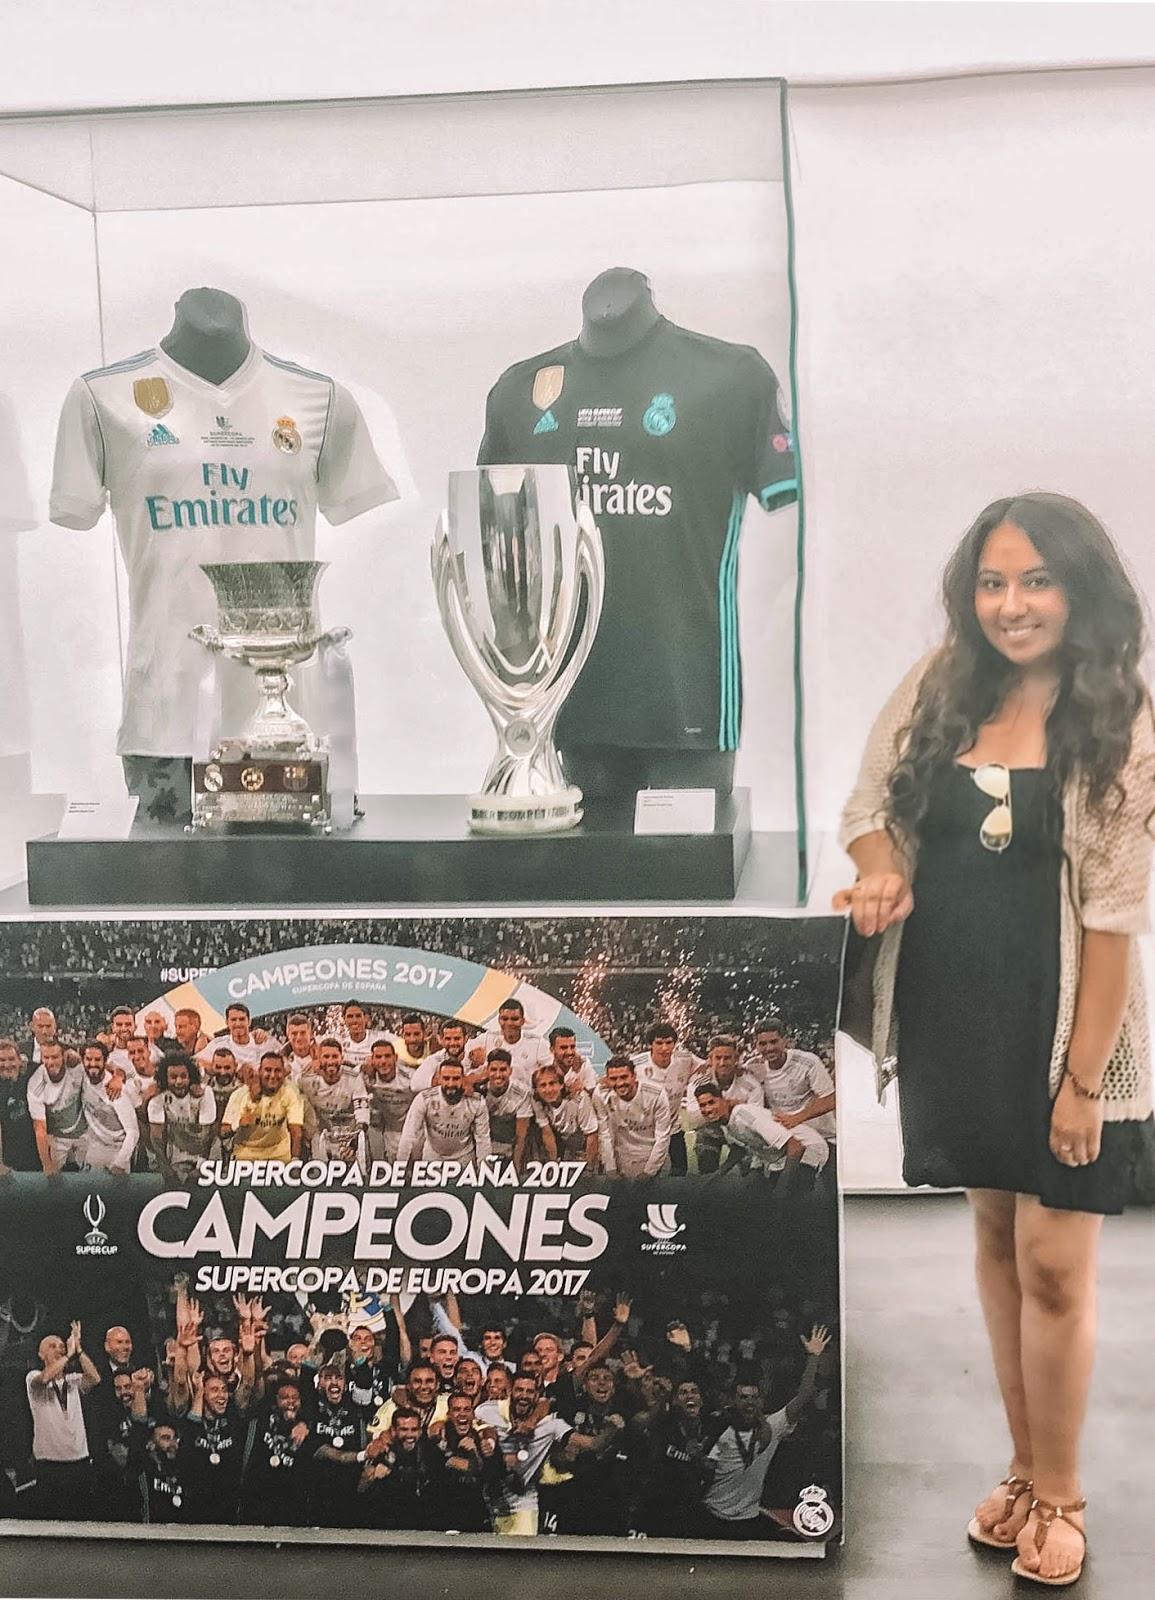 Santiago Bernabéu Stadium Experience